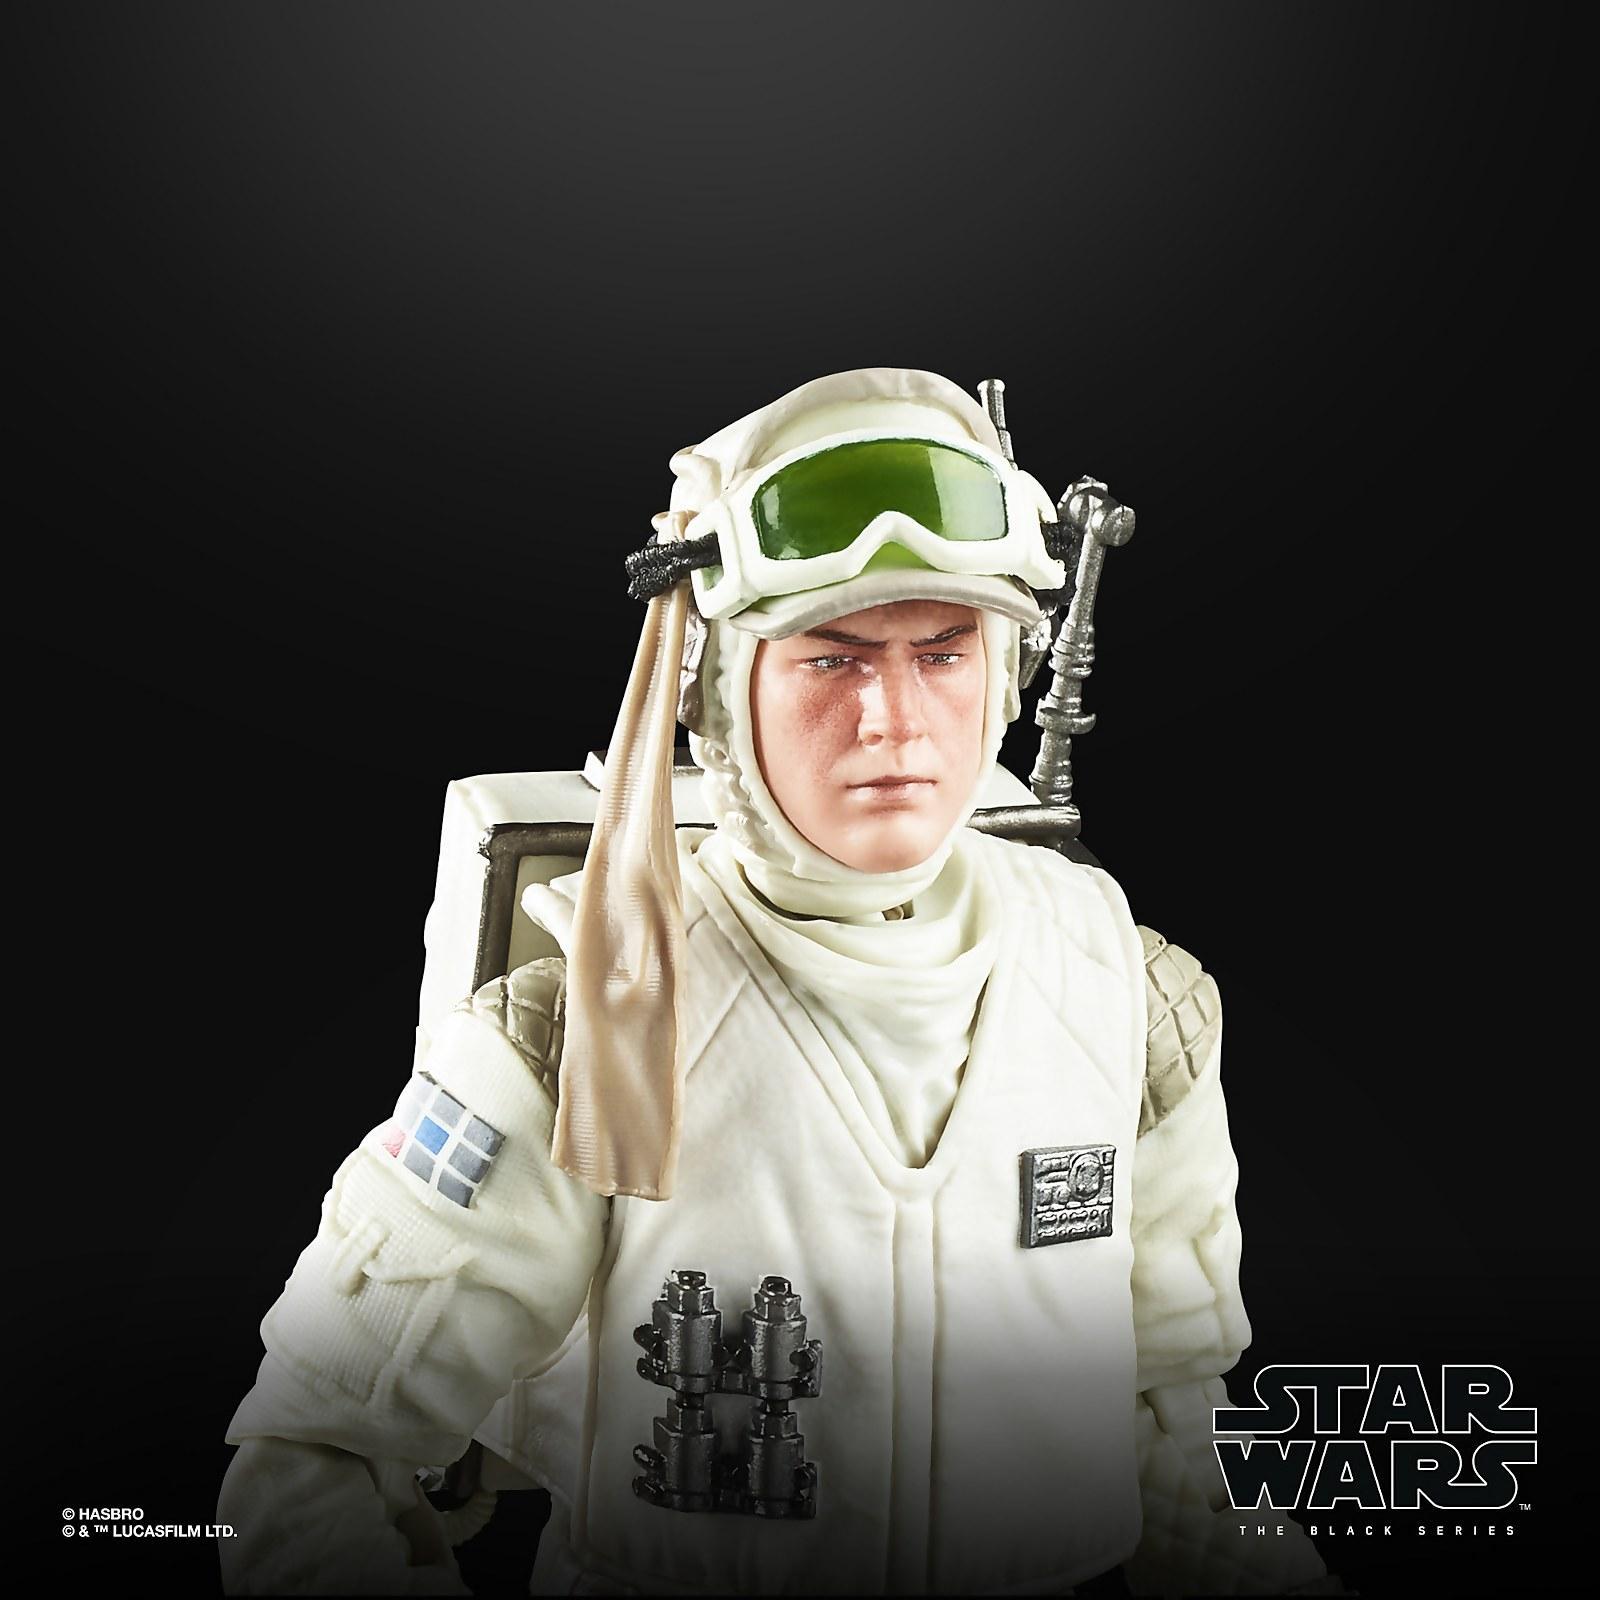 Star wars the black series rebel trooper hoth 15 cm3